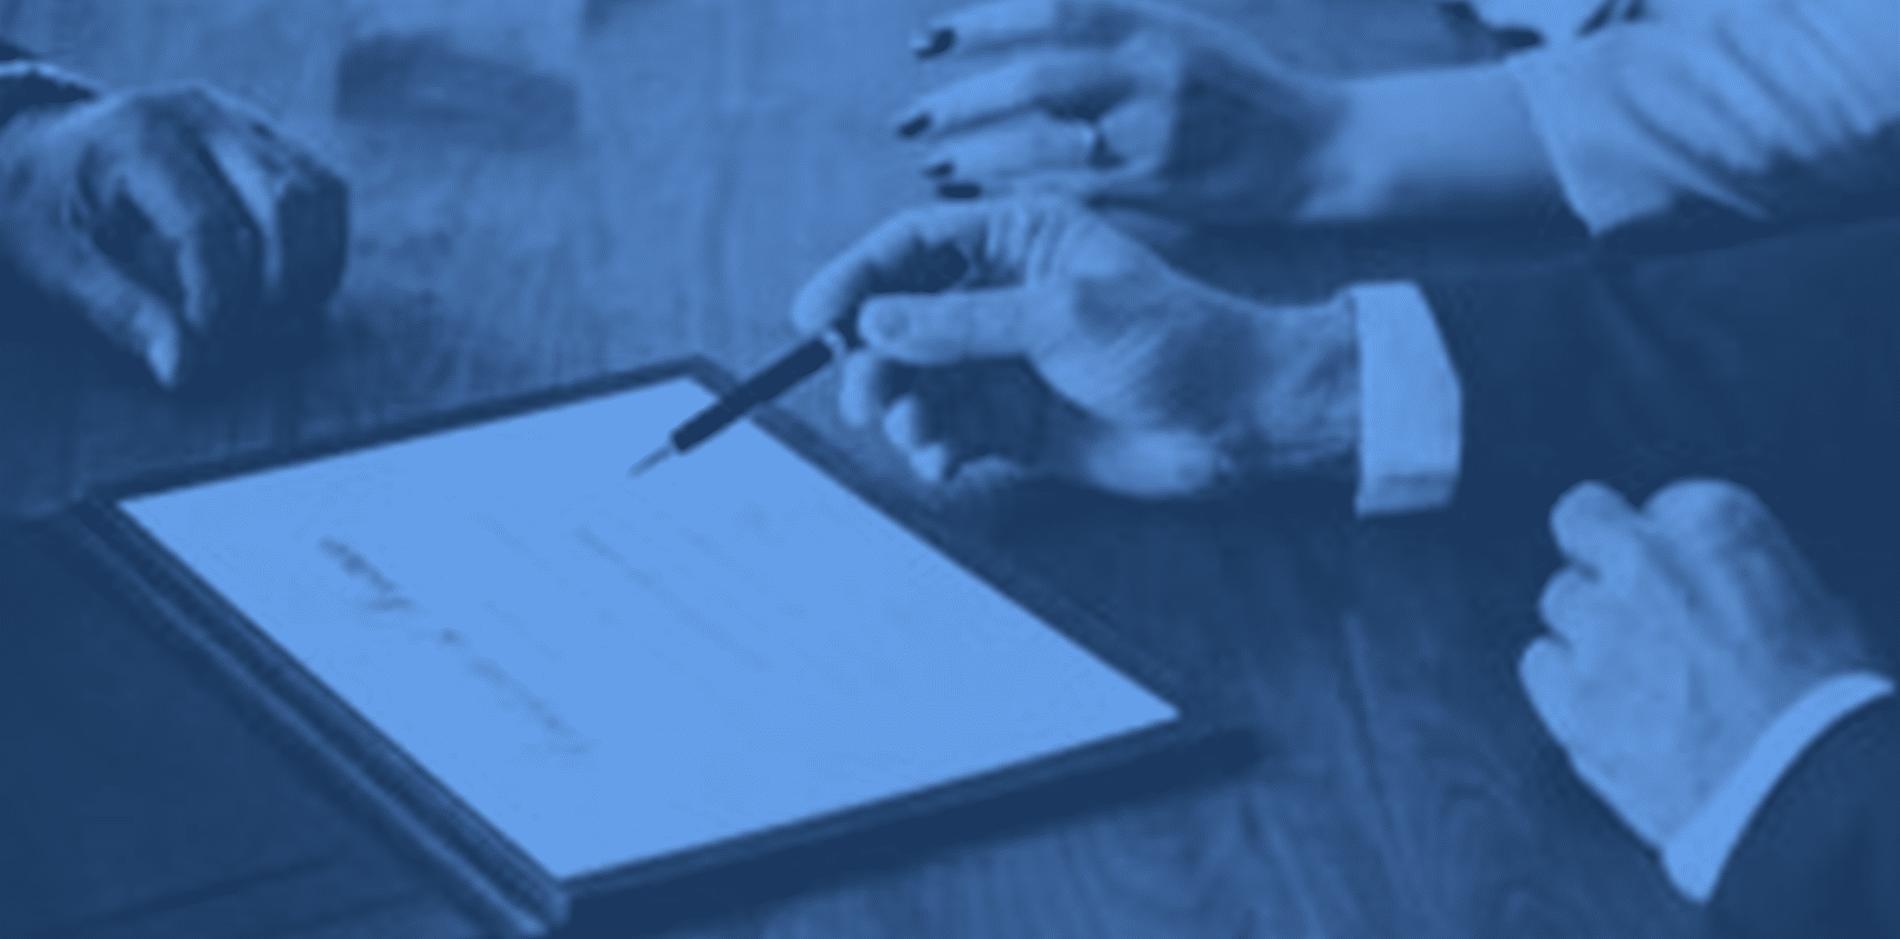 Blog delegation de signature entreprise trustpair